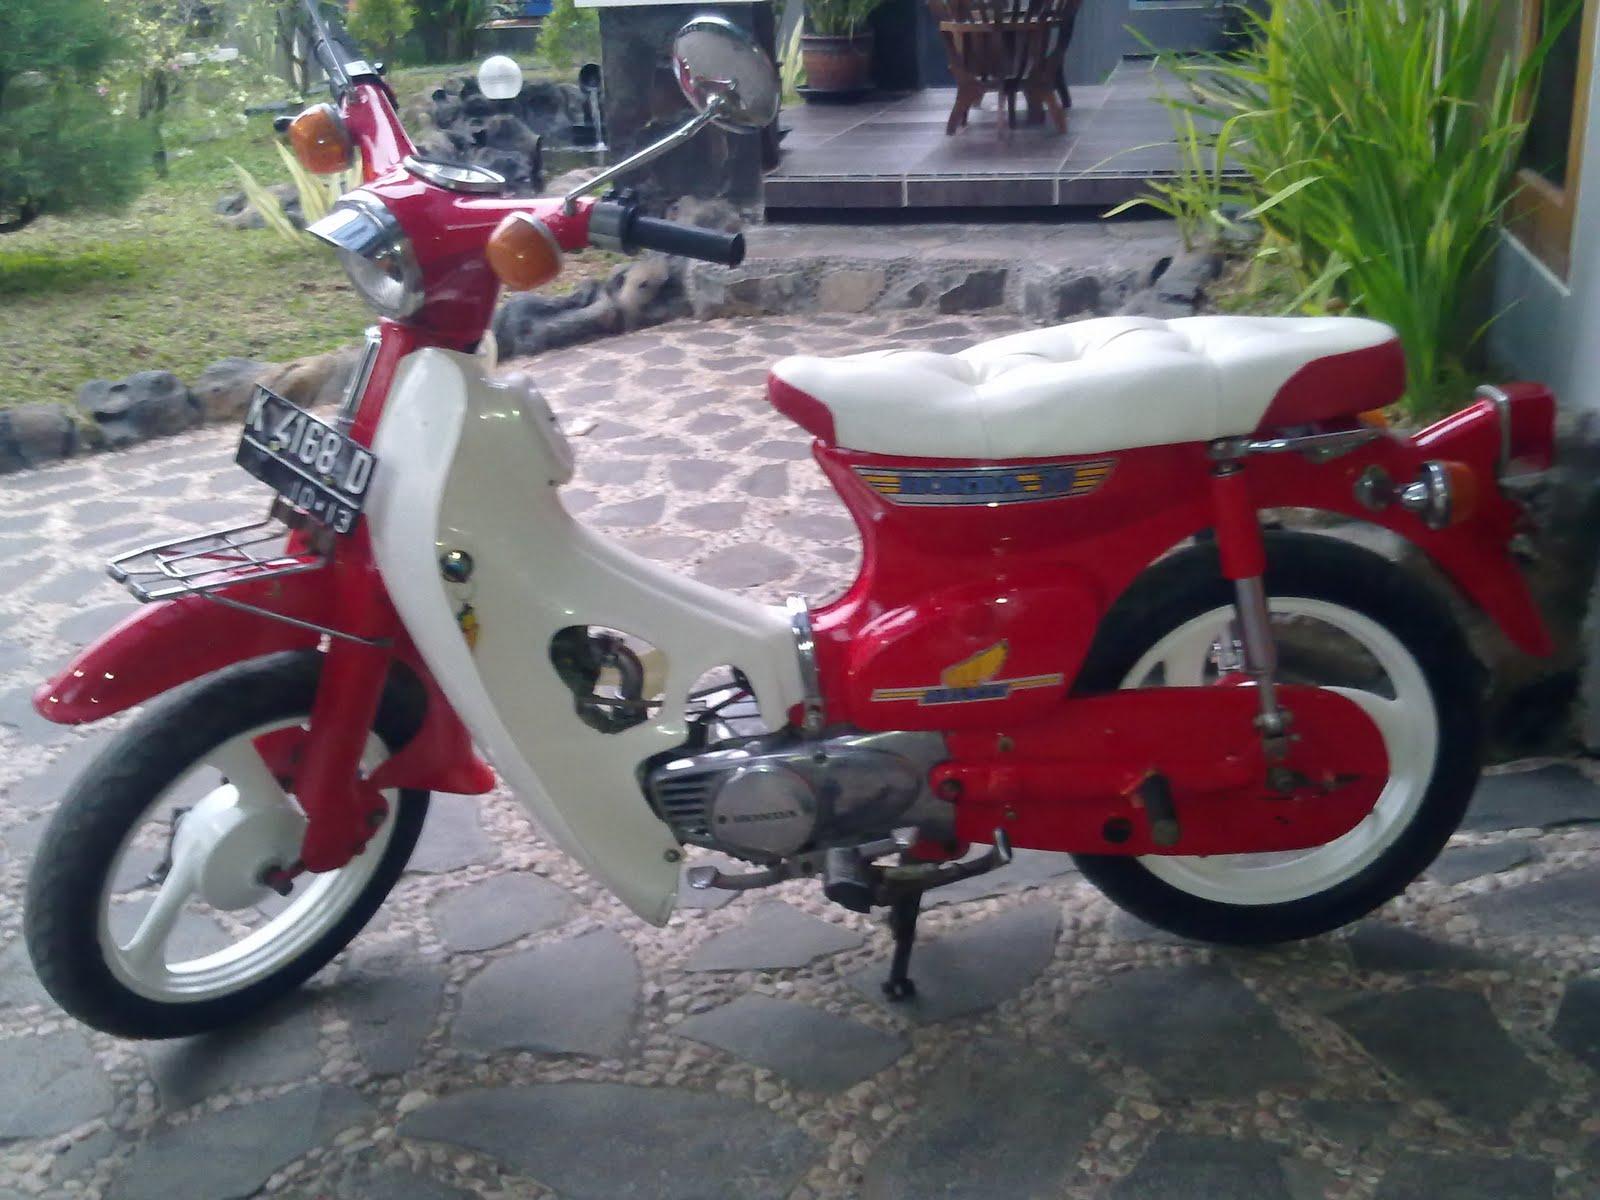 ... Honda C70   Foto foto Asik Terbaru OneSoft   Koleksi Foto-foto Asik